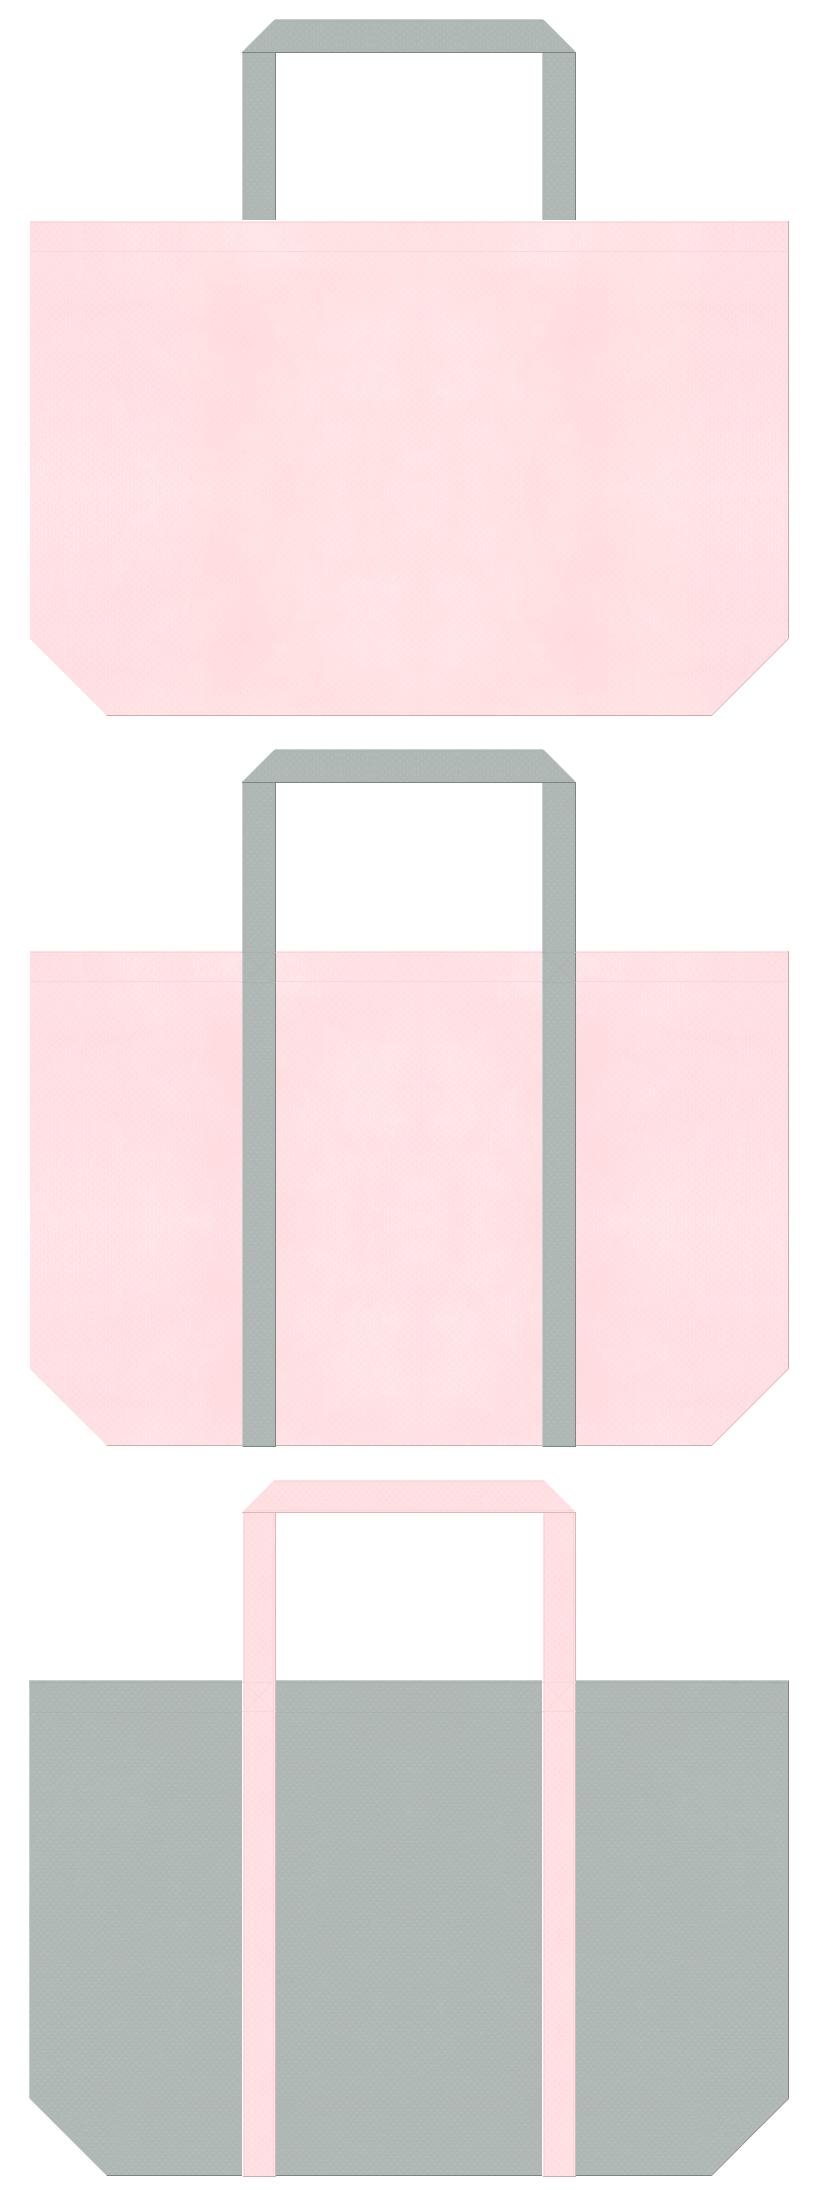 アクセサリー・事務服・制服・ガーリーデザインにお奨めの不織布バッグデザイン:桜色とグレー色のコーデ